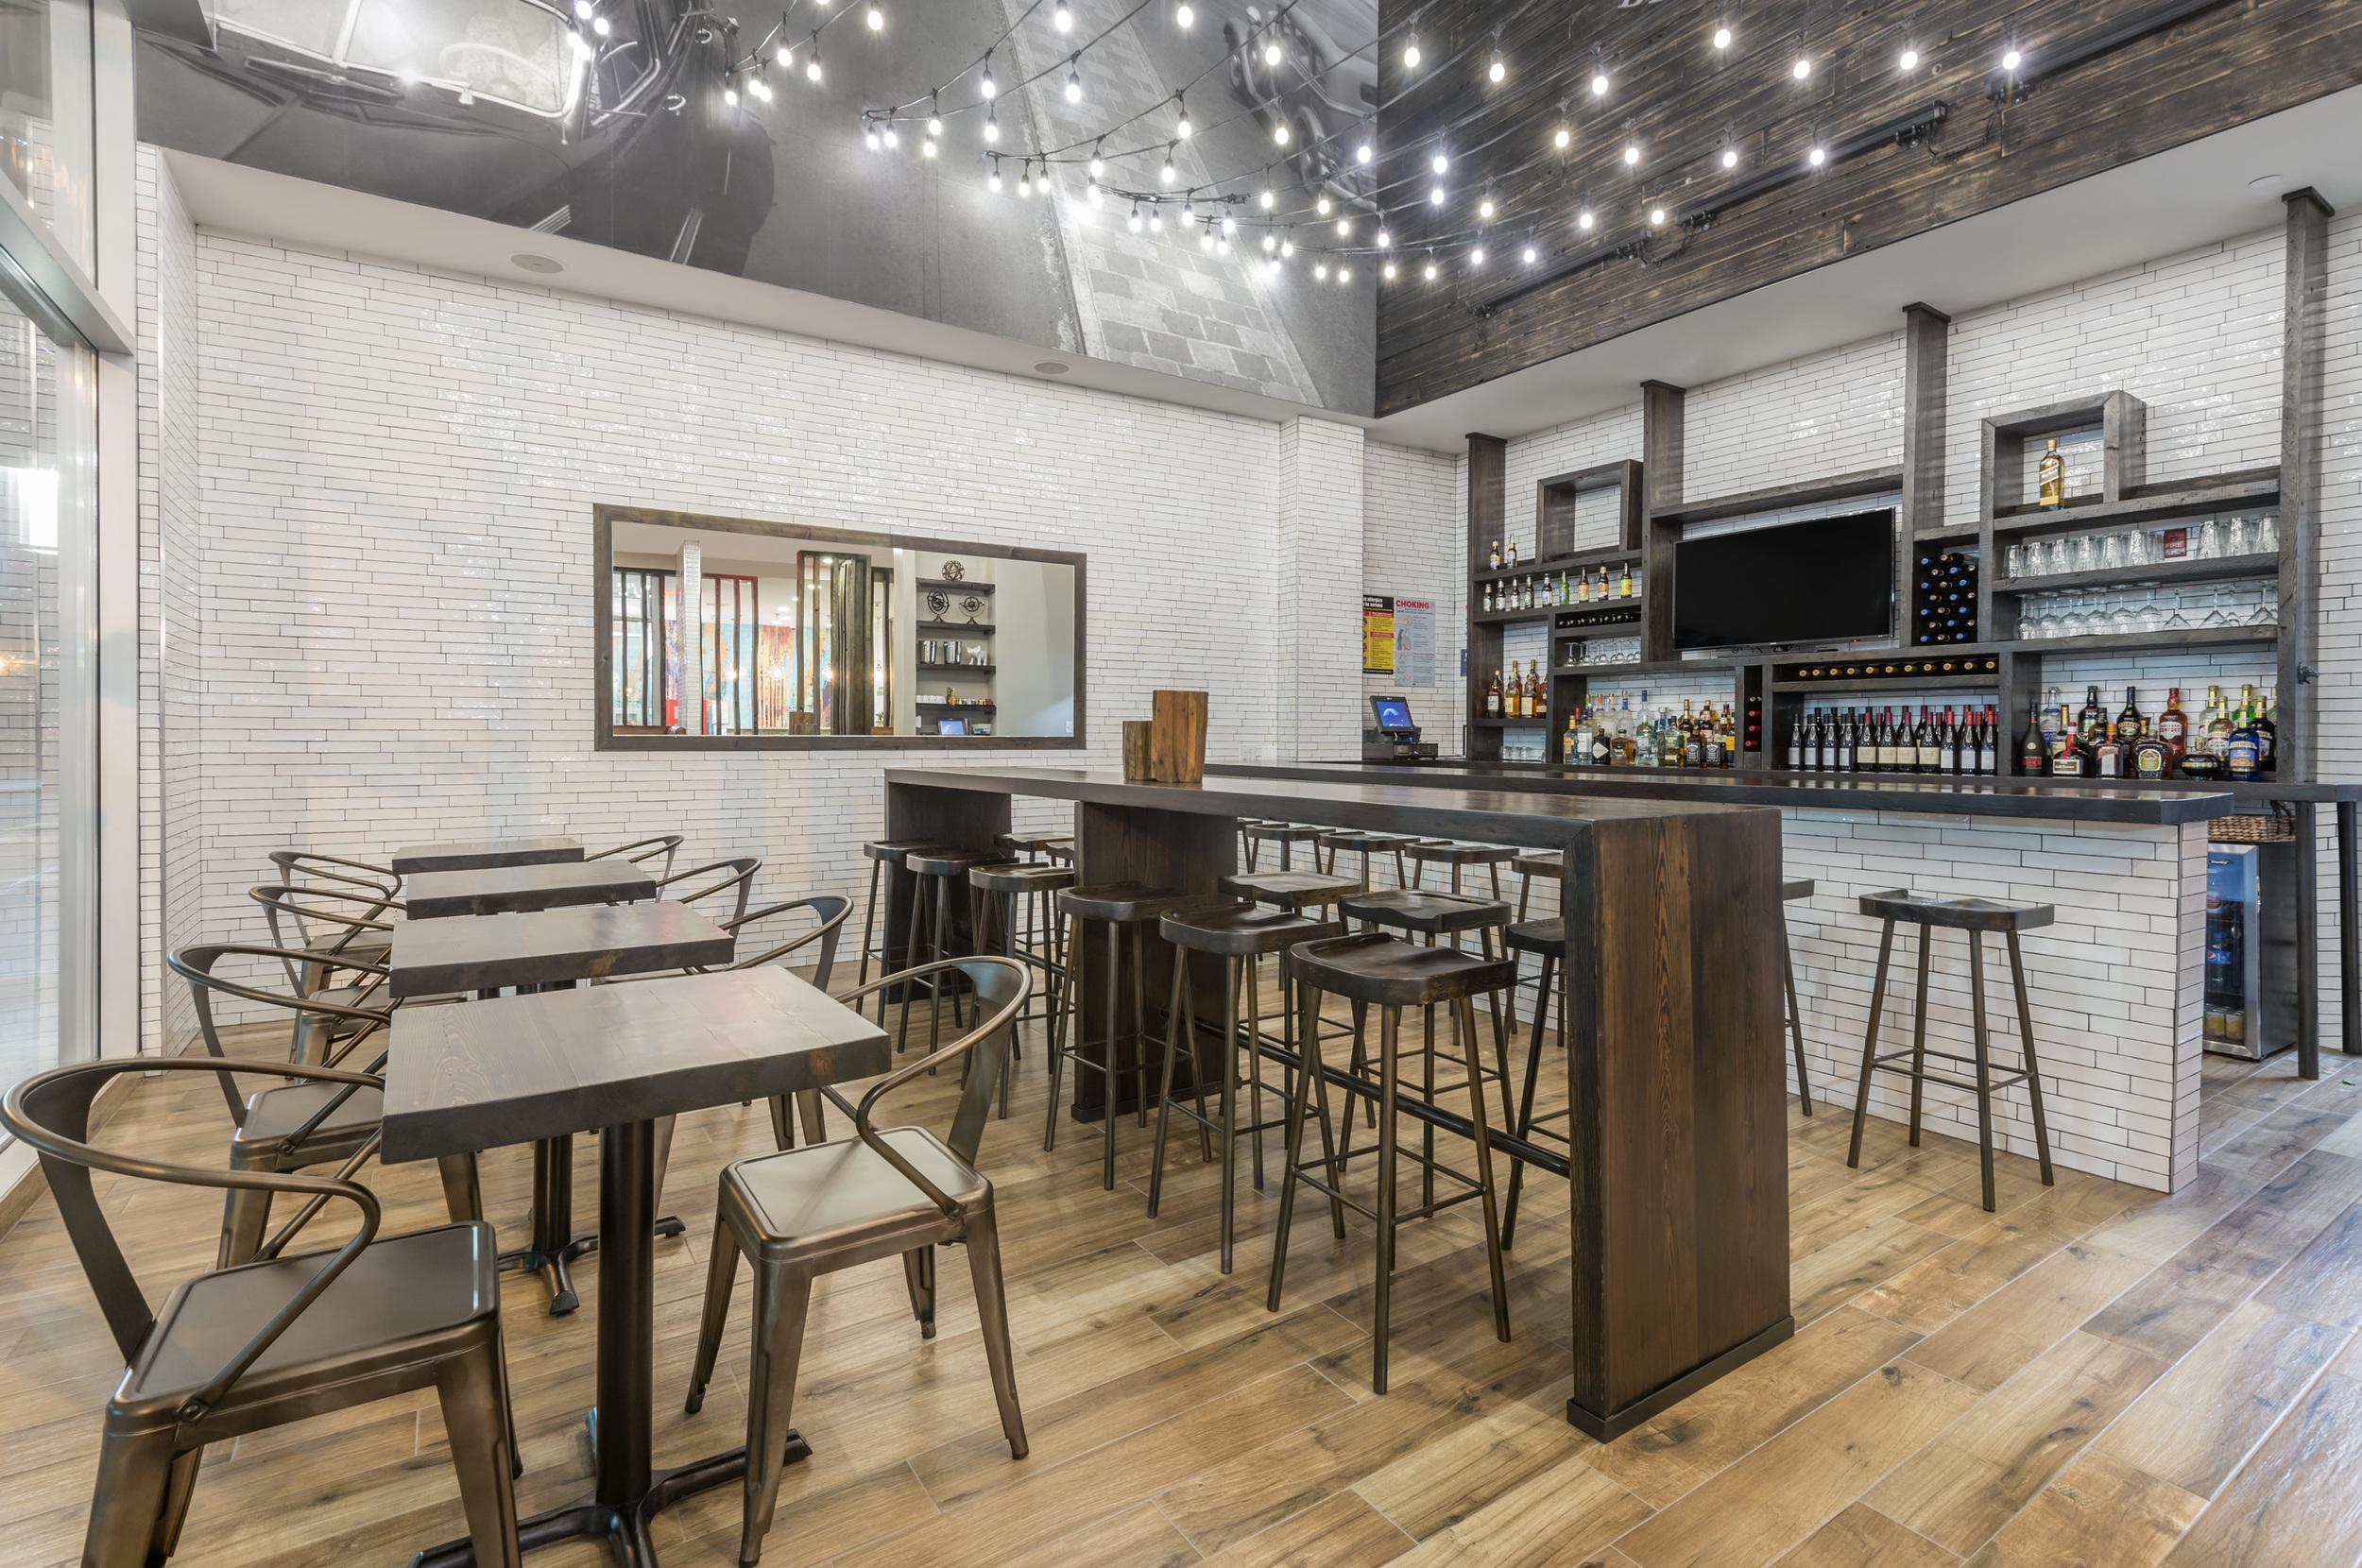 BLVD Bistro & Bar